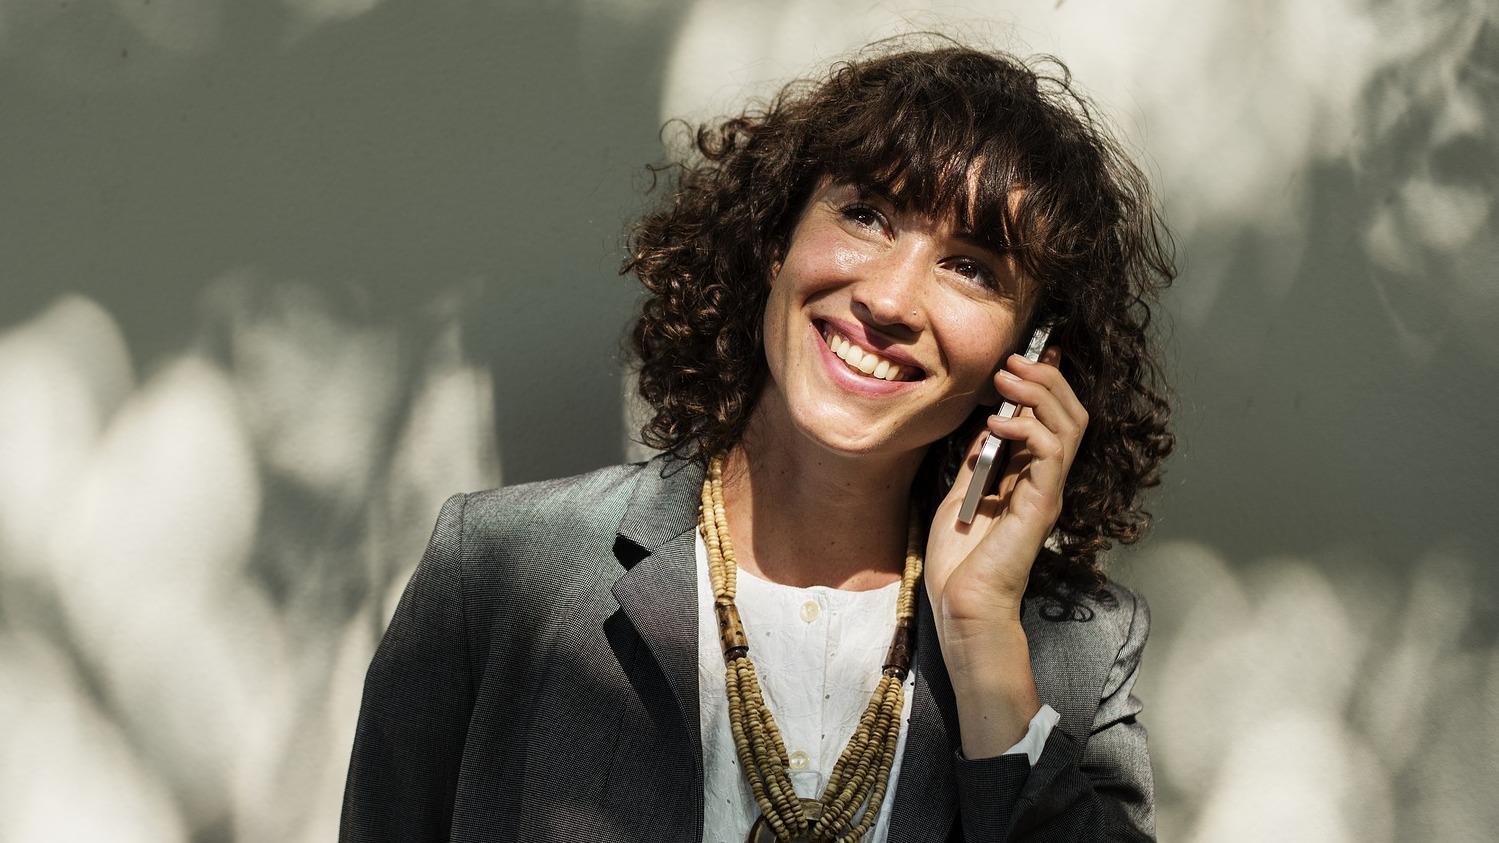 ラジオの「逆電」で電話をかけてもらえる方法!